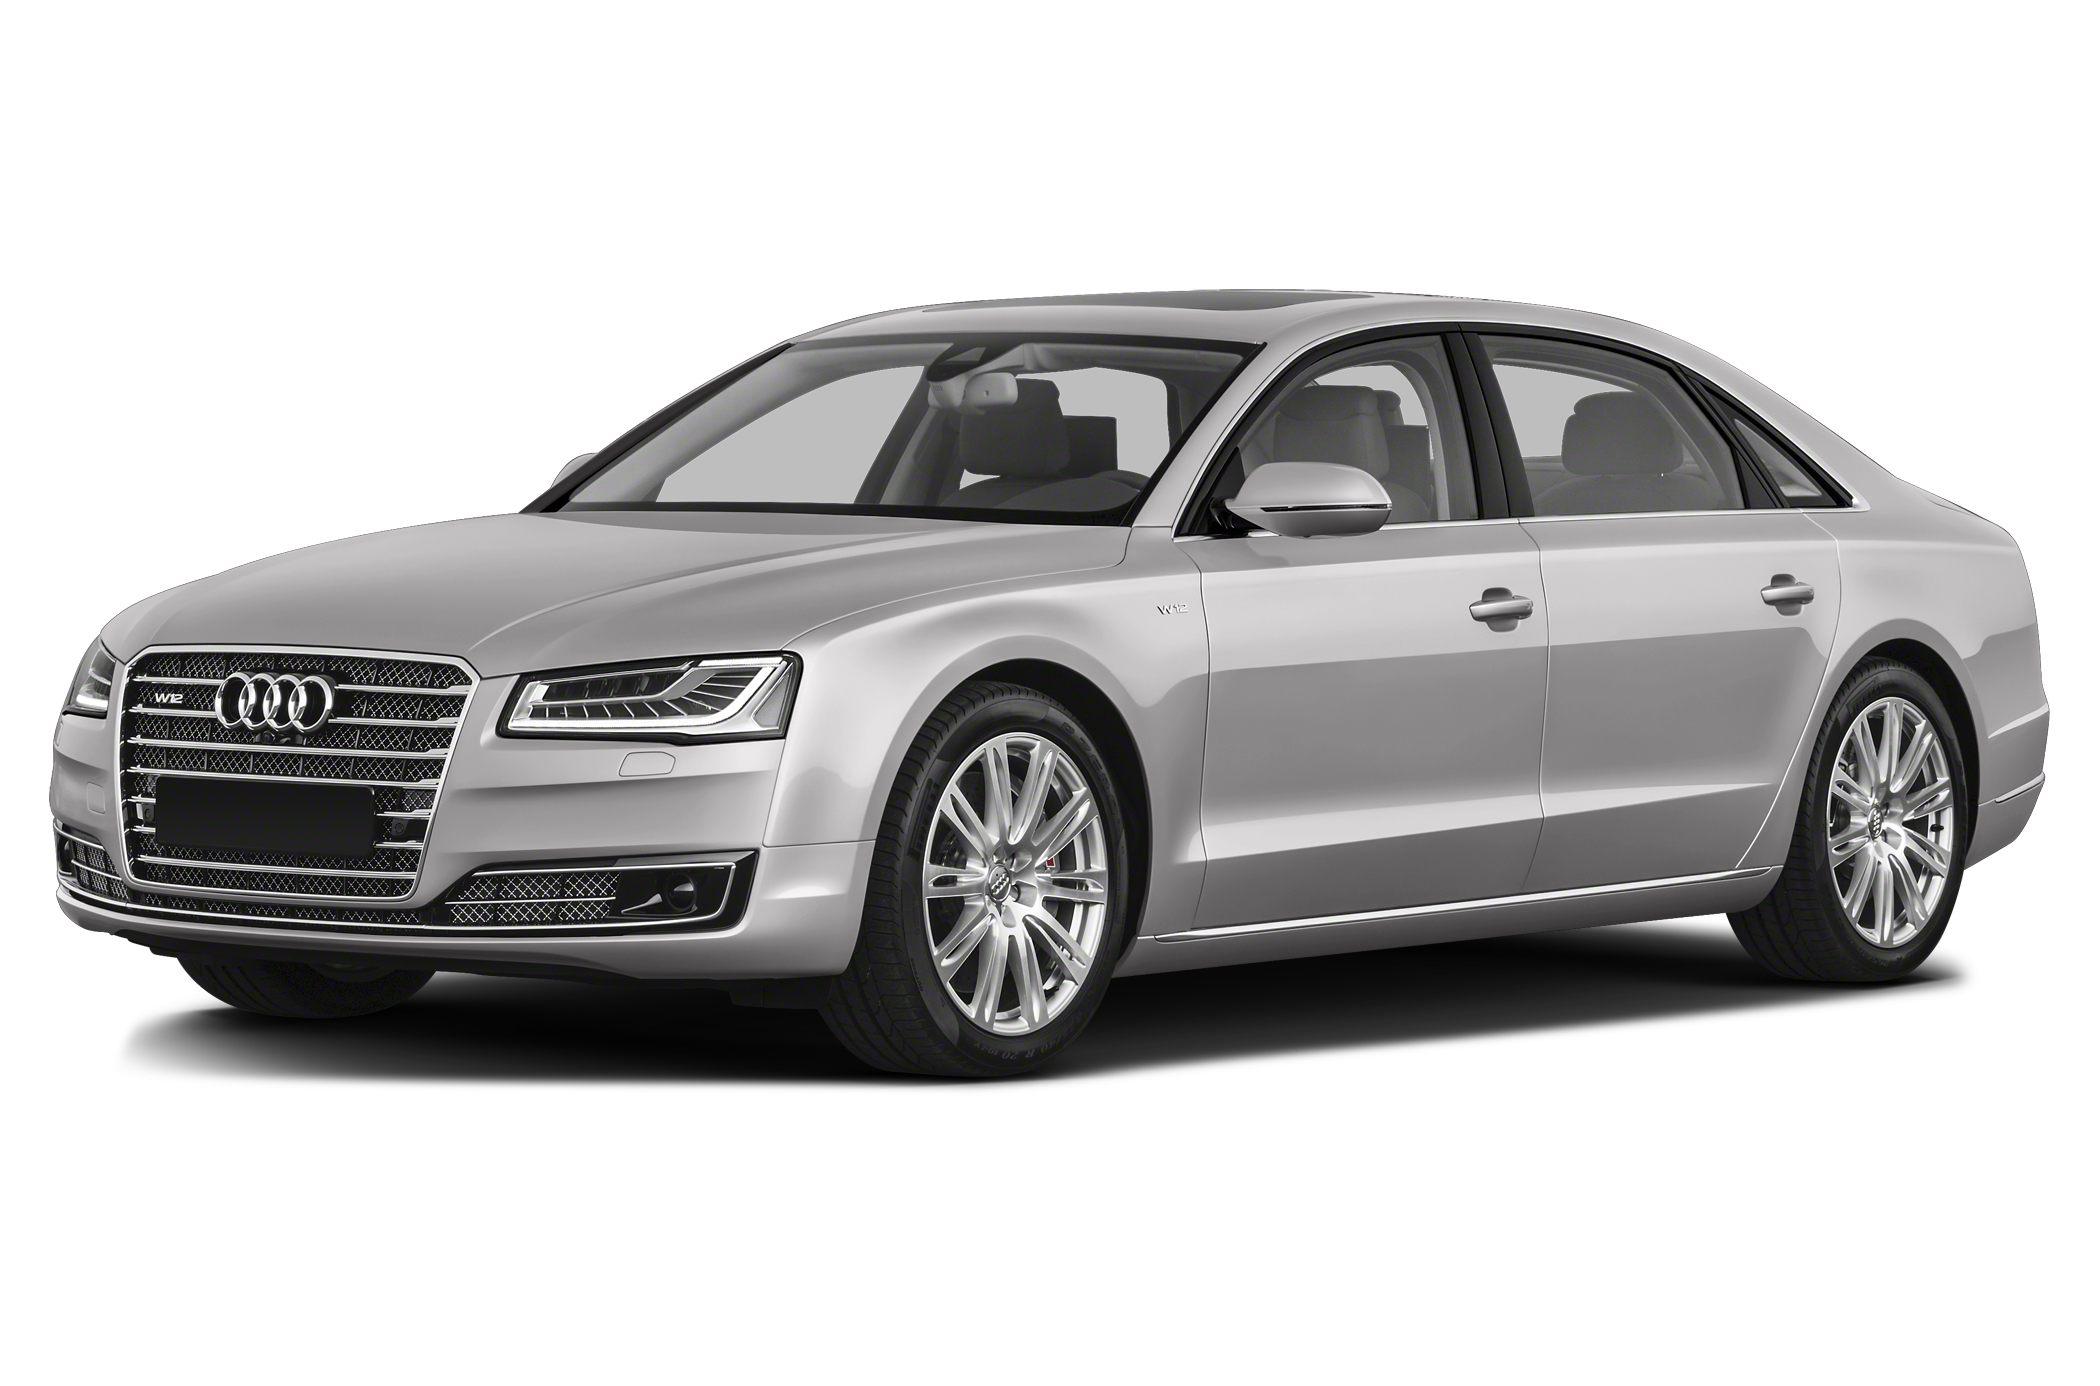 2016 Audi A8 L W12 6 3 4dr All Wheel Drive Quattro Lwb Sedan Pricing